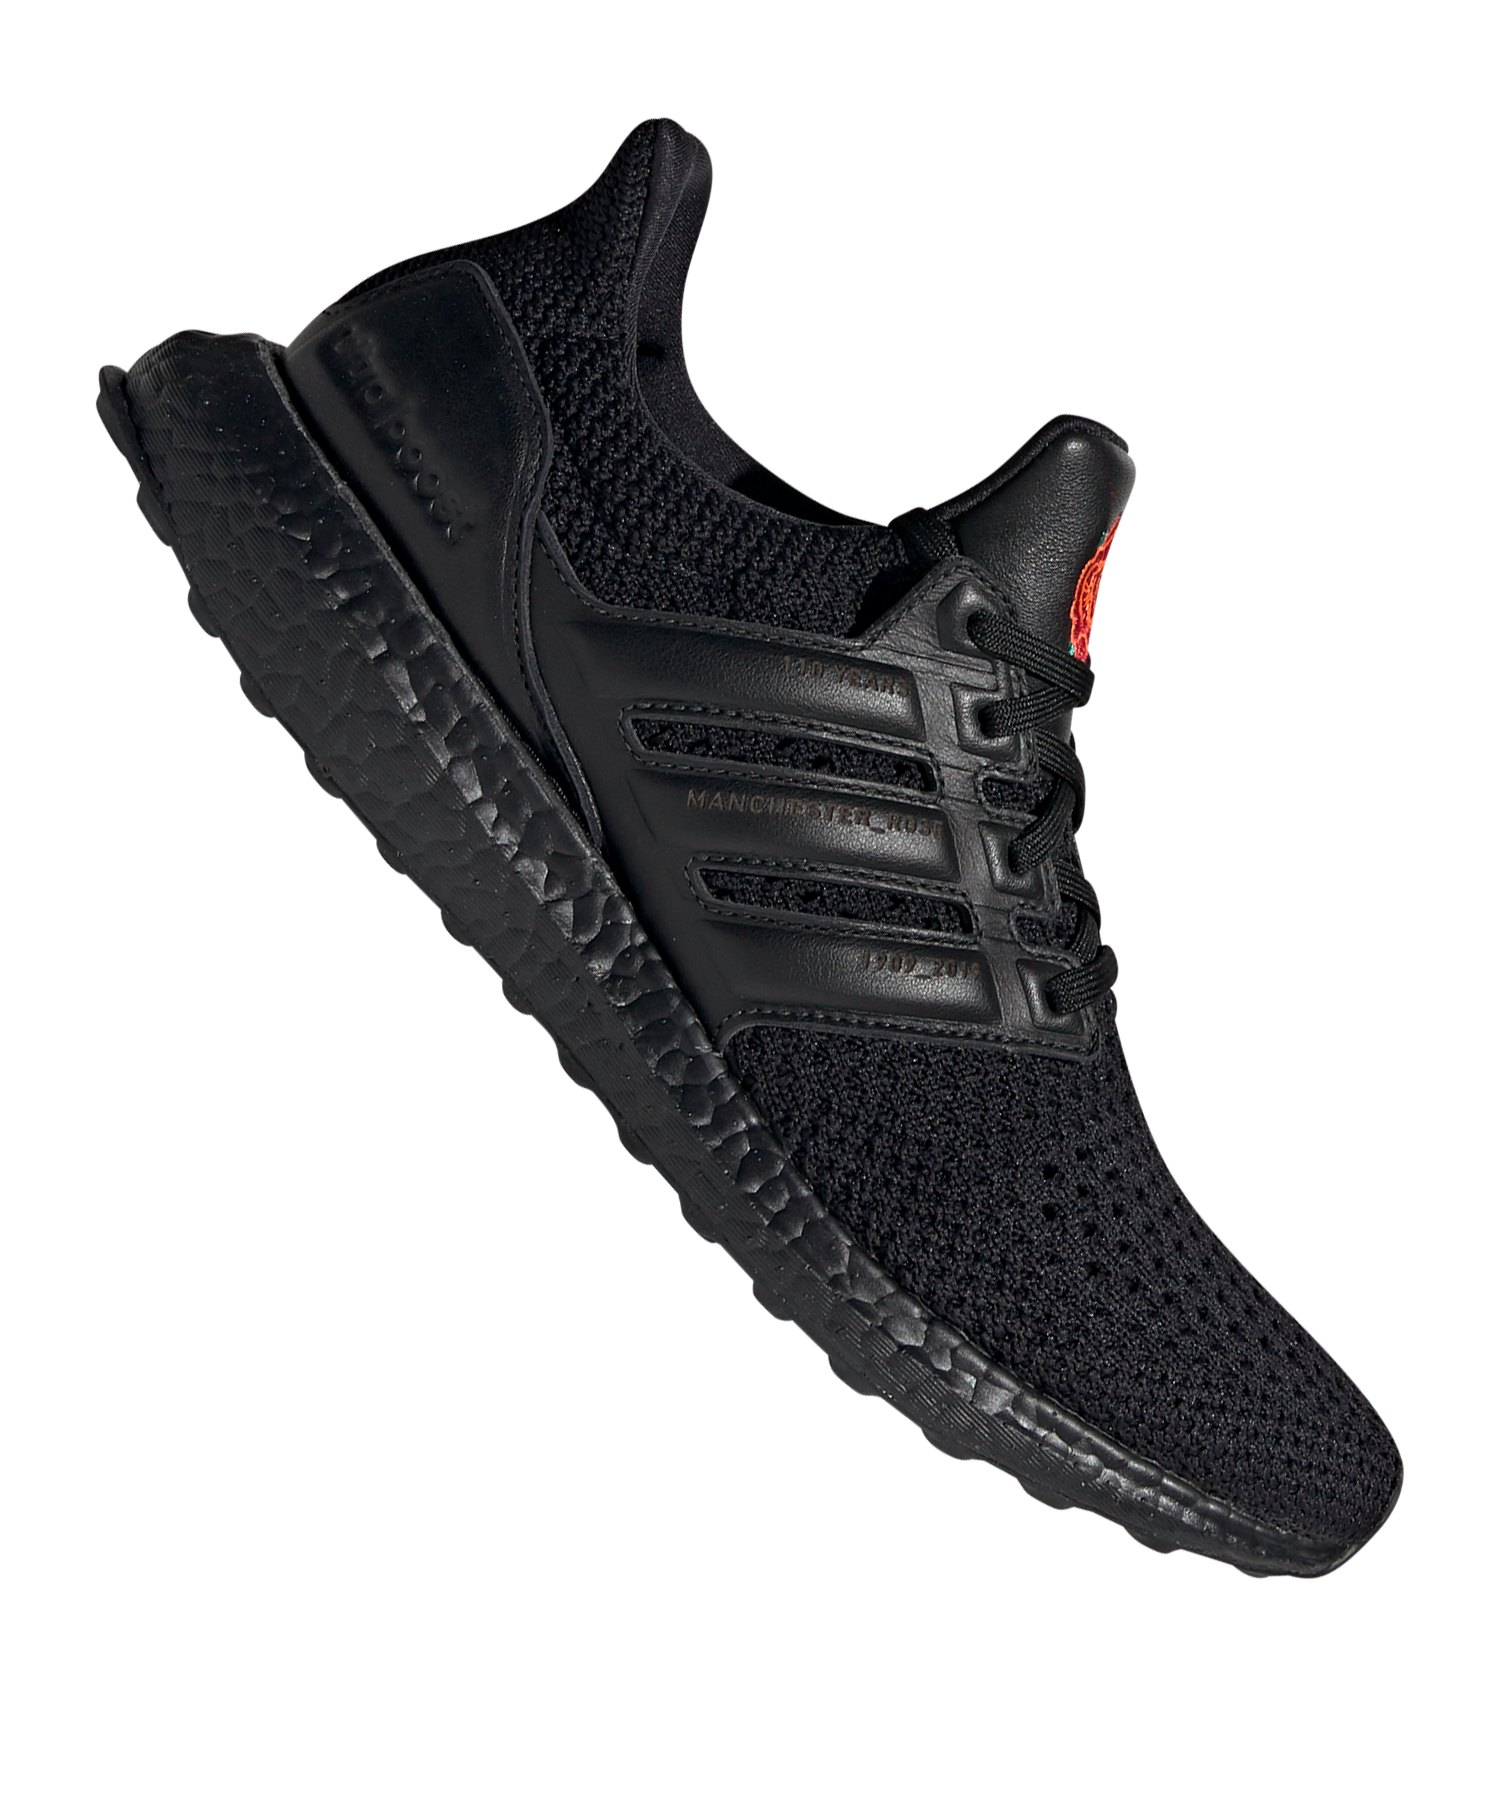 schuhe adidas rot schwarz rot adidas schwarz schuhe yfYb6I7gv